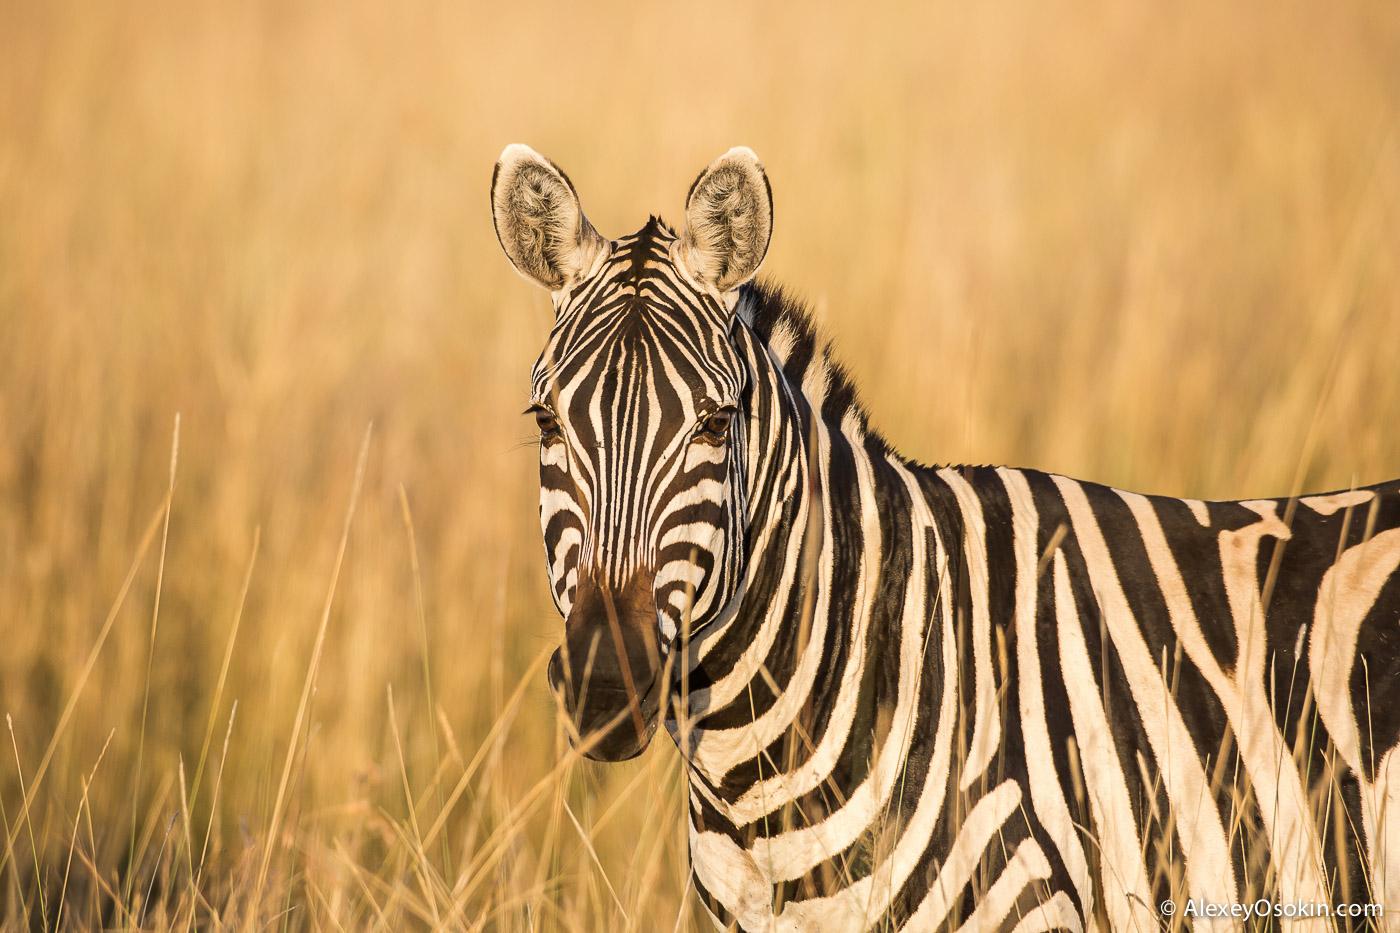 zebras_aug.2015_ao-2.jpg